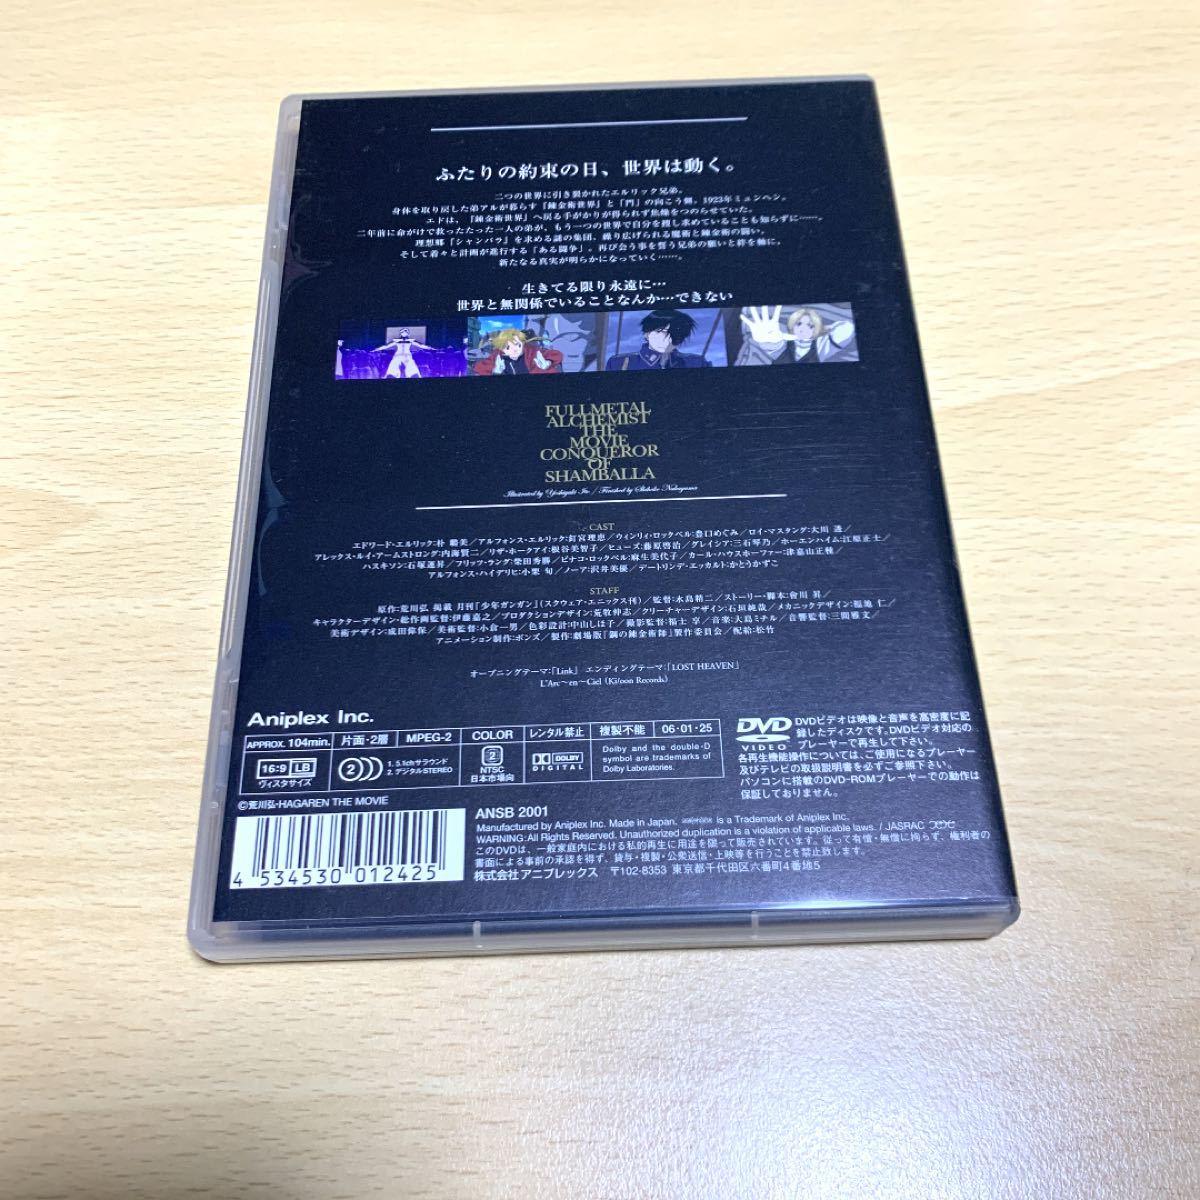 劇場版 鋼の錬金術師 シャンバラを征く者('05劇場版「鋼の錬金術師」 DVD